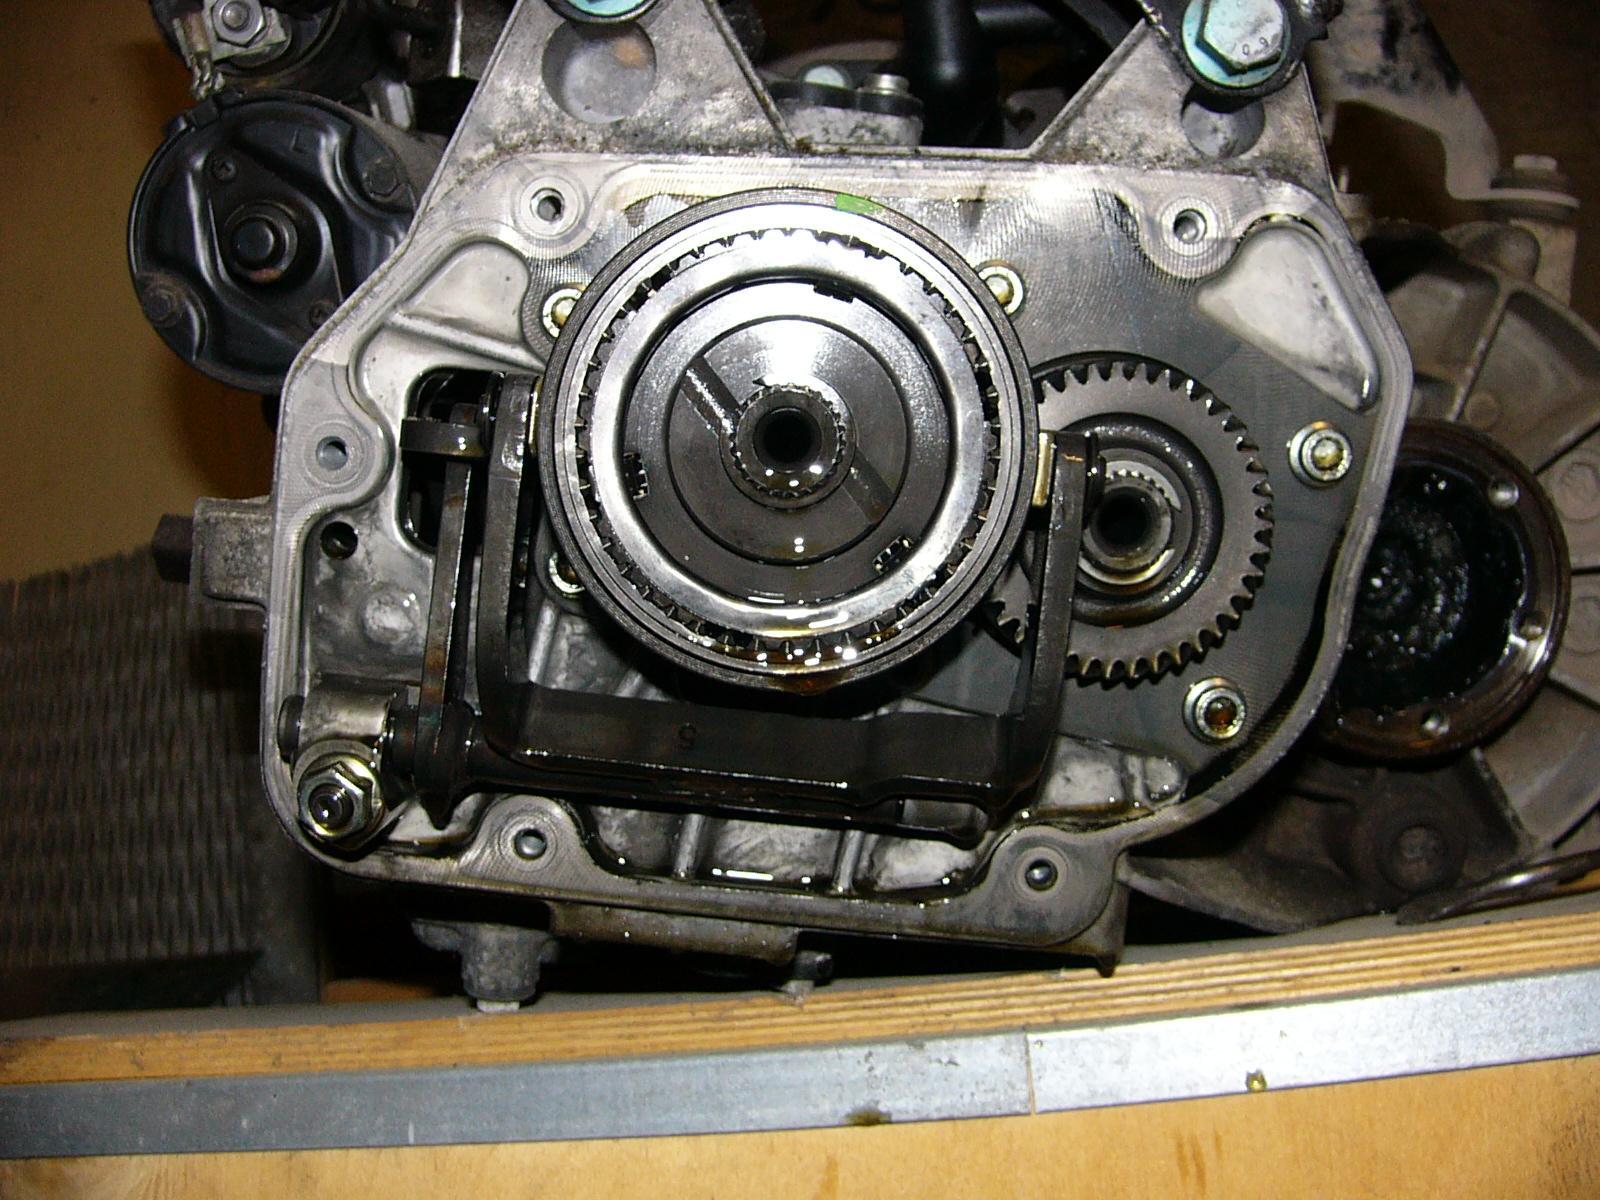 58933eab770c0_14B-Getriebe-3.JPG.aff840dae0e14bd9b8f98f4bdc7d19cd.JPG